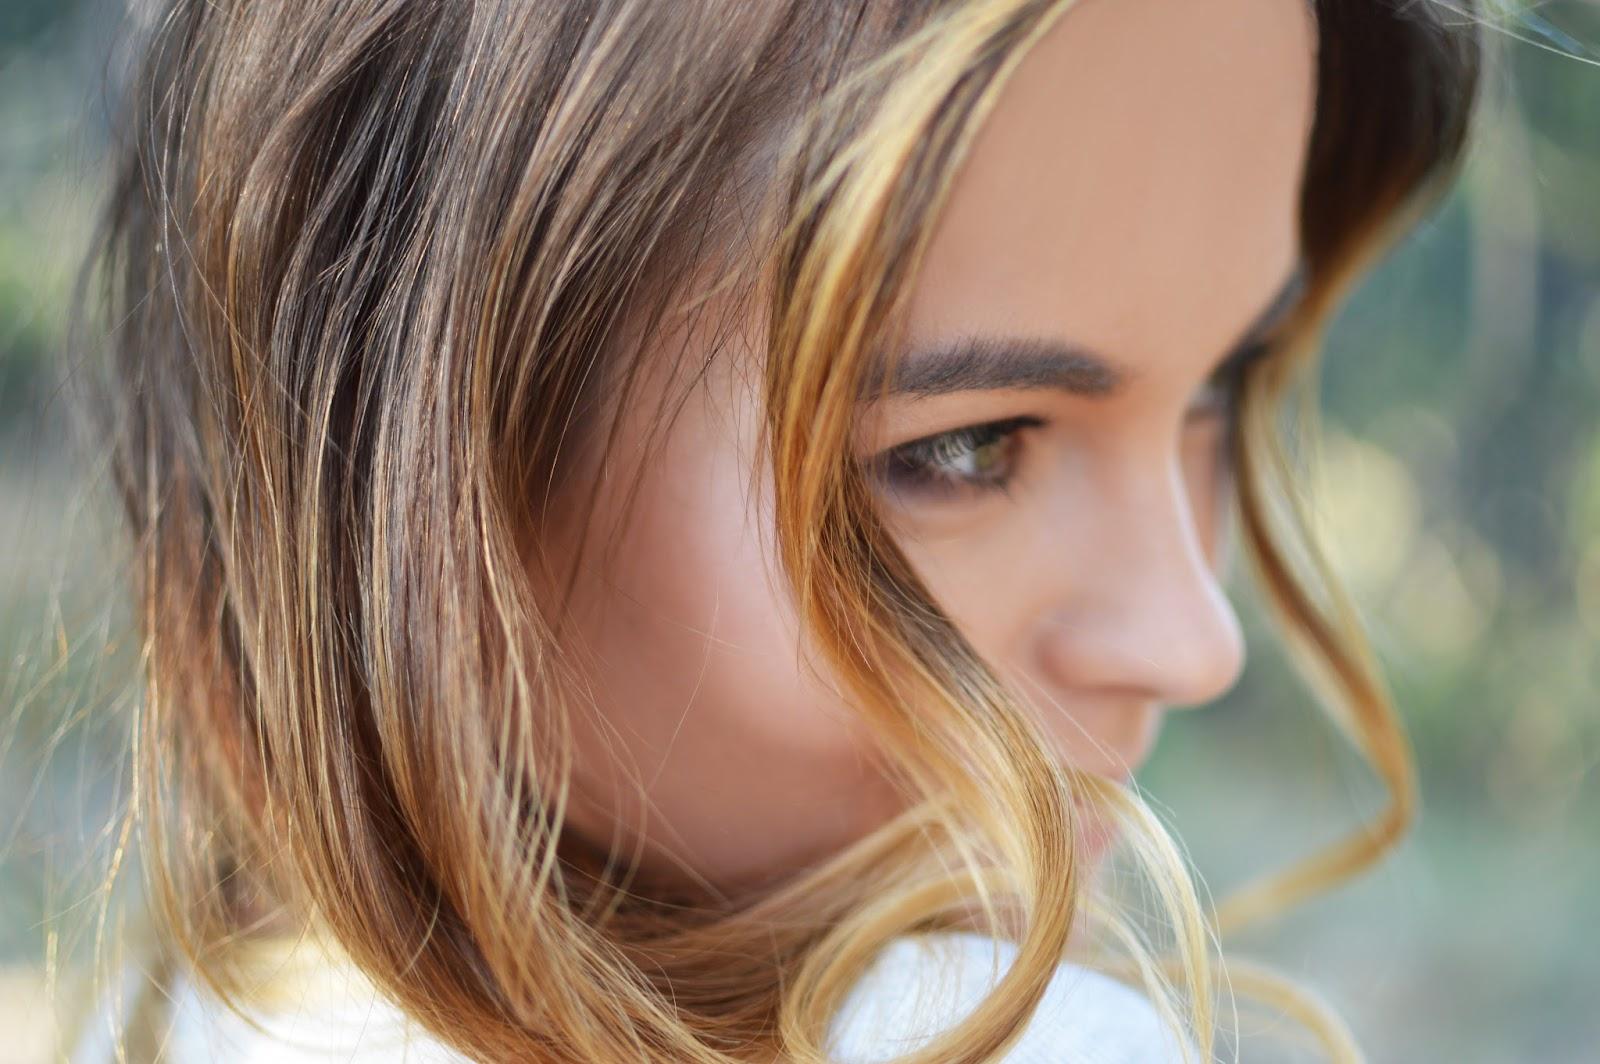 hajgyógyász orvos, hajgyógyászat debrecen, hajgyógyászat nyíregyháza, hajgyógyászat vélemények, hajgyógyászat szeged, trichológus jelentése, trichológus képzés, trichológus debrecen, borsányi andrea, hajhullás kezelése otthon, hajhullás elleni szerek, hajhullás vitamin, hajhullás foltokban, hajhullas ellen, hajhullás fórum, hajhullás megállítása, hajhullás elleni vitaminok, hajvesztés, egészséges haj vitamin, egészséges haj otthon, szép egészséges haj titka, egészséges haj hajápolás, haj gyorsabb növekedése, hosszú haj titka, hosszú haj gyorsan, erős hajhullás okai nőknél, hajhullás vitaminhiány, hajhullás kezelése otthon, hajhullás okai férfiaknál, hajhullás lelki okai, hajhullás okai gyerekeknél, hajhullás foltokban, hajhullás okai nőknél pajzsmirigy, normális hajhullás hajmosáskor, őszi hajhullás mértéke, erős hajhullás ősszel, hány szál haj hullik ki hajmosáskor, normál hajhullás mértéke, őszi hajhullás mértéke, őszi hajváltás, erős hajhullás ősszel, meddig normális a hajhullás, szezonális hajhullás, őszi hajhullás ellen, mennyi hajszál hullik ki naponta, nyári hajhullás, online bejelentkezés, online időpontfoglalás, bwnet